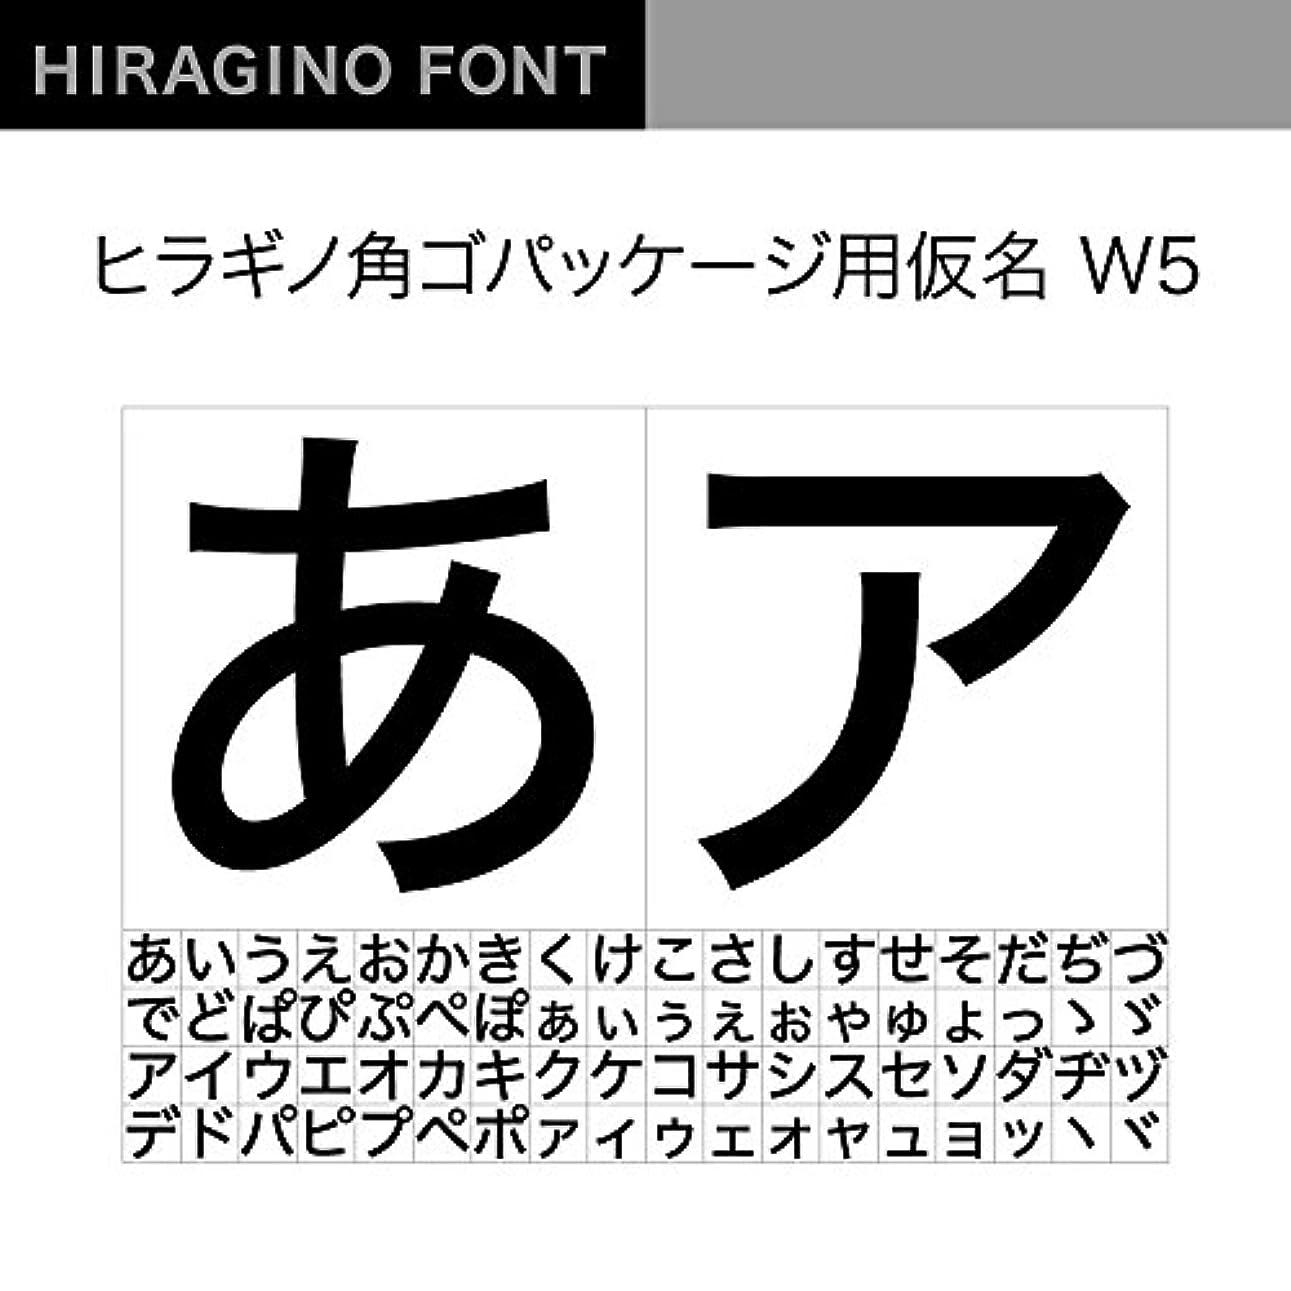 カエル世界的に暴君OpenType ヒラギノ角Pack仮名 W5 [ダウンロード]